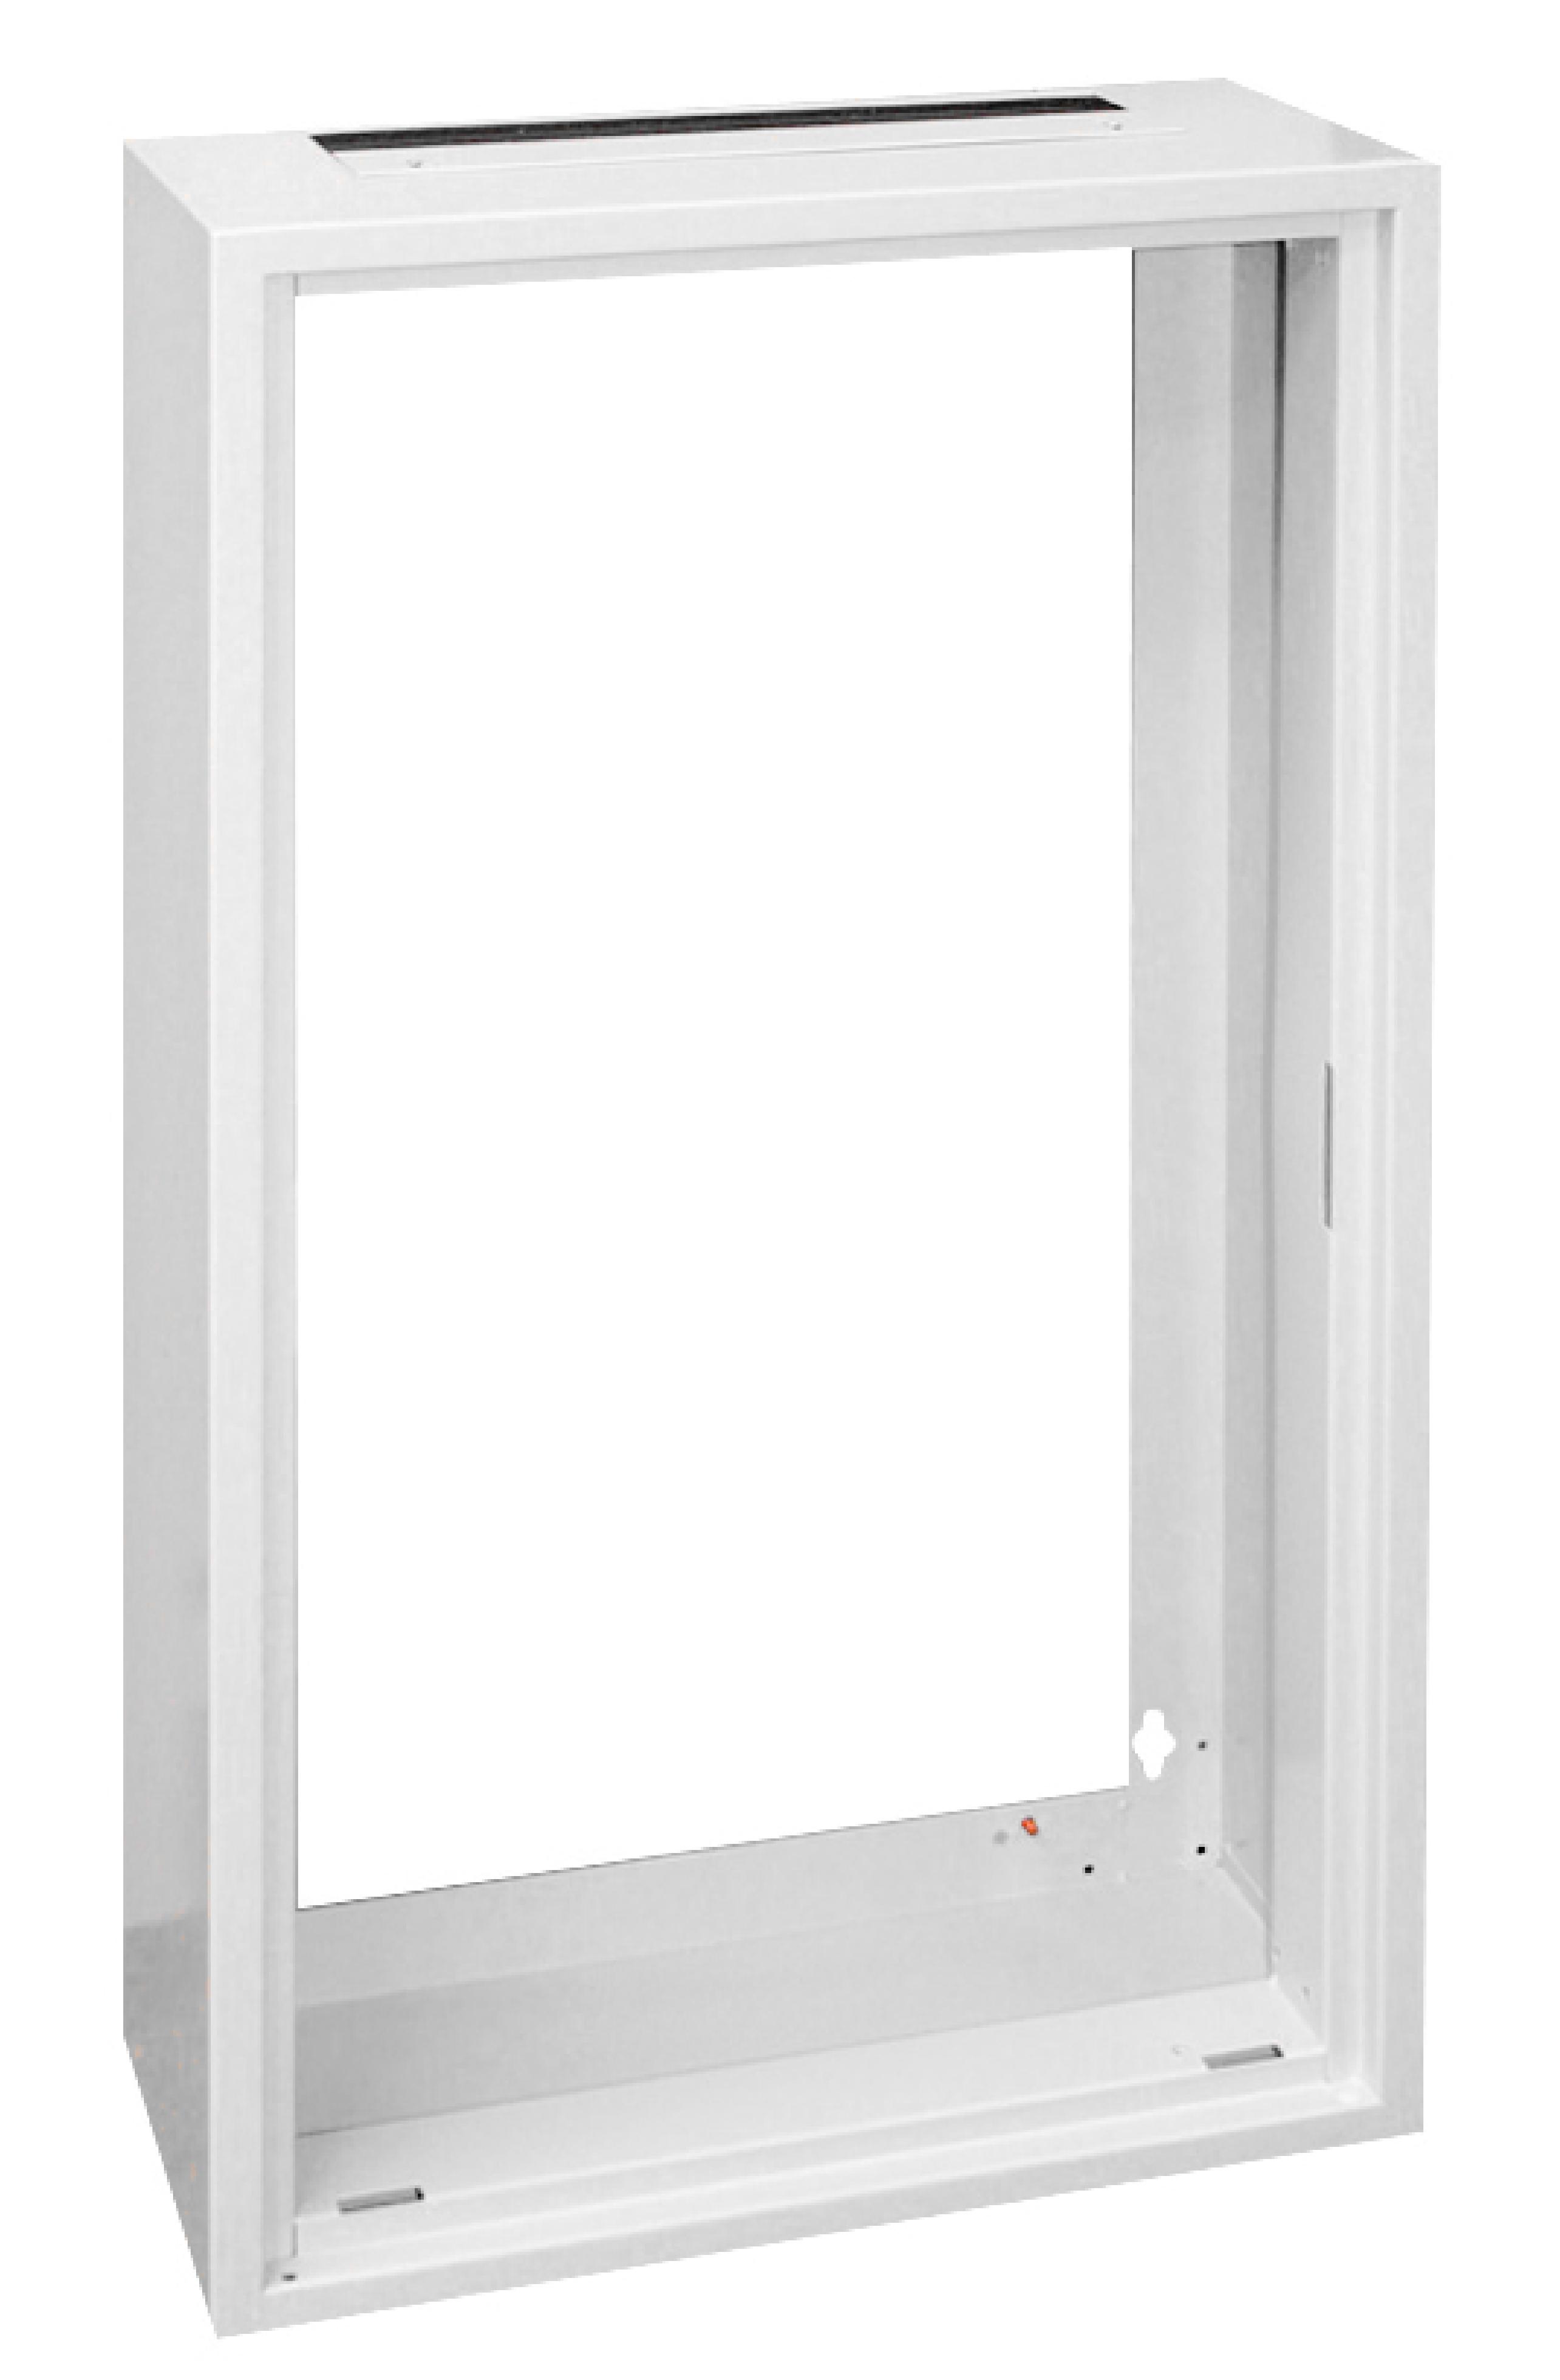 1 Stk AP-Rahmen ohne Türe und Rückwand 4A-33, H1605B1030T250mm IL001433-F